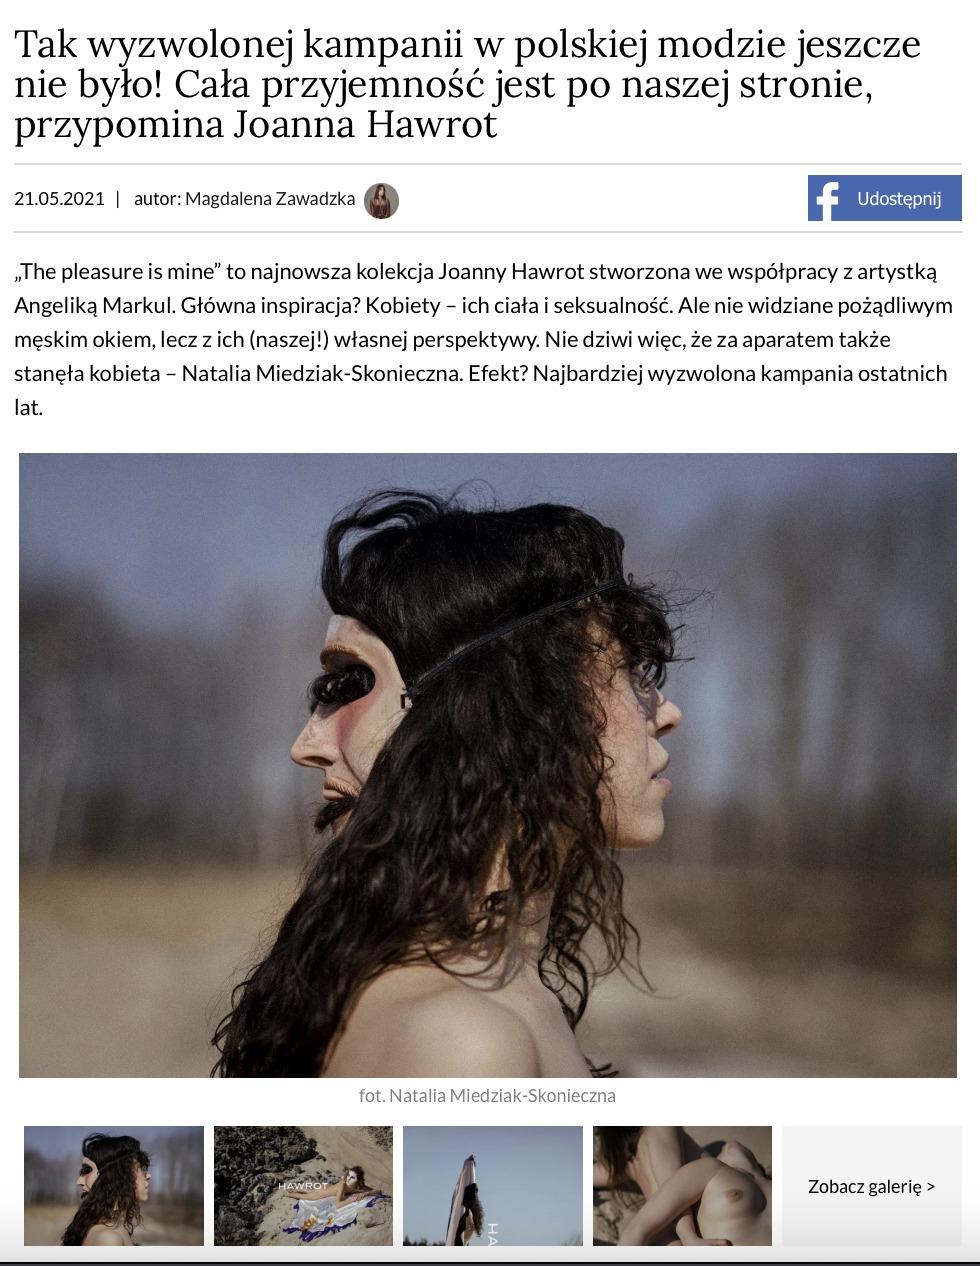 Tak wyzwolonej kampanii w polskiej modzie jeszcze nie było!